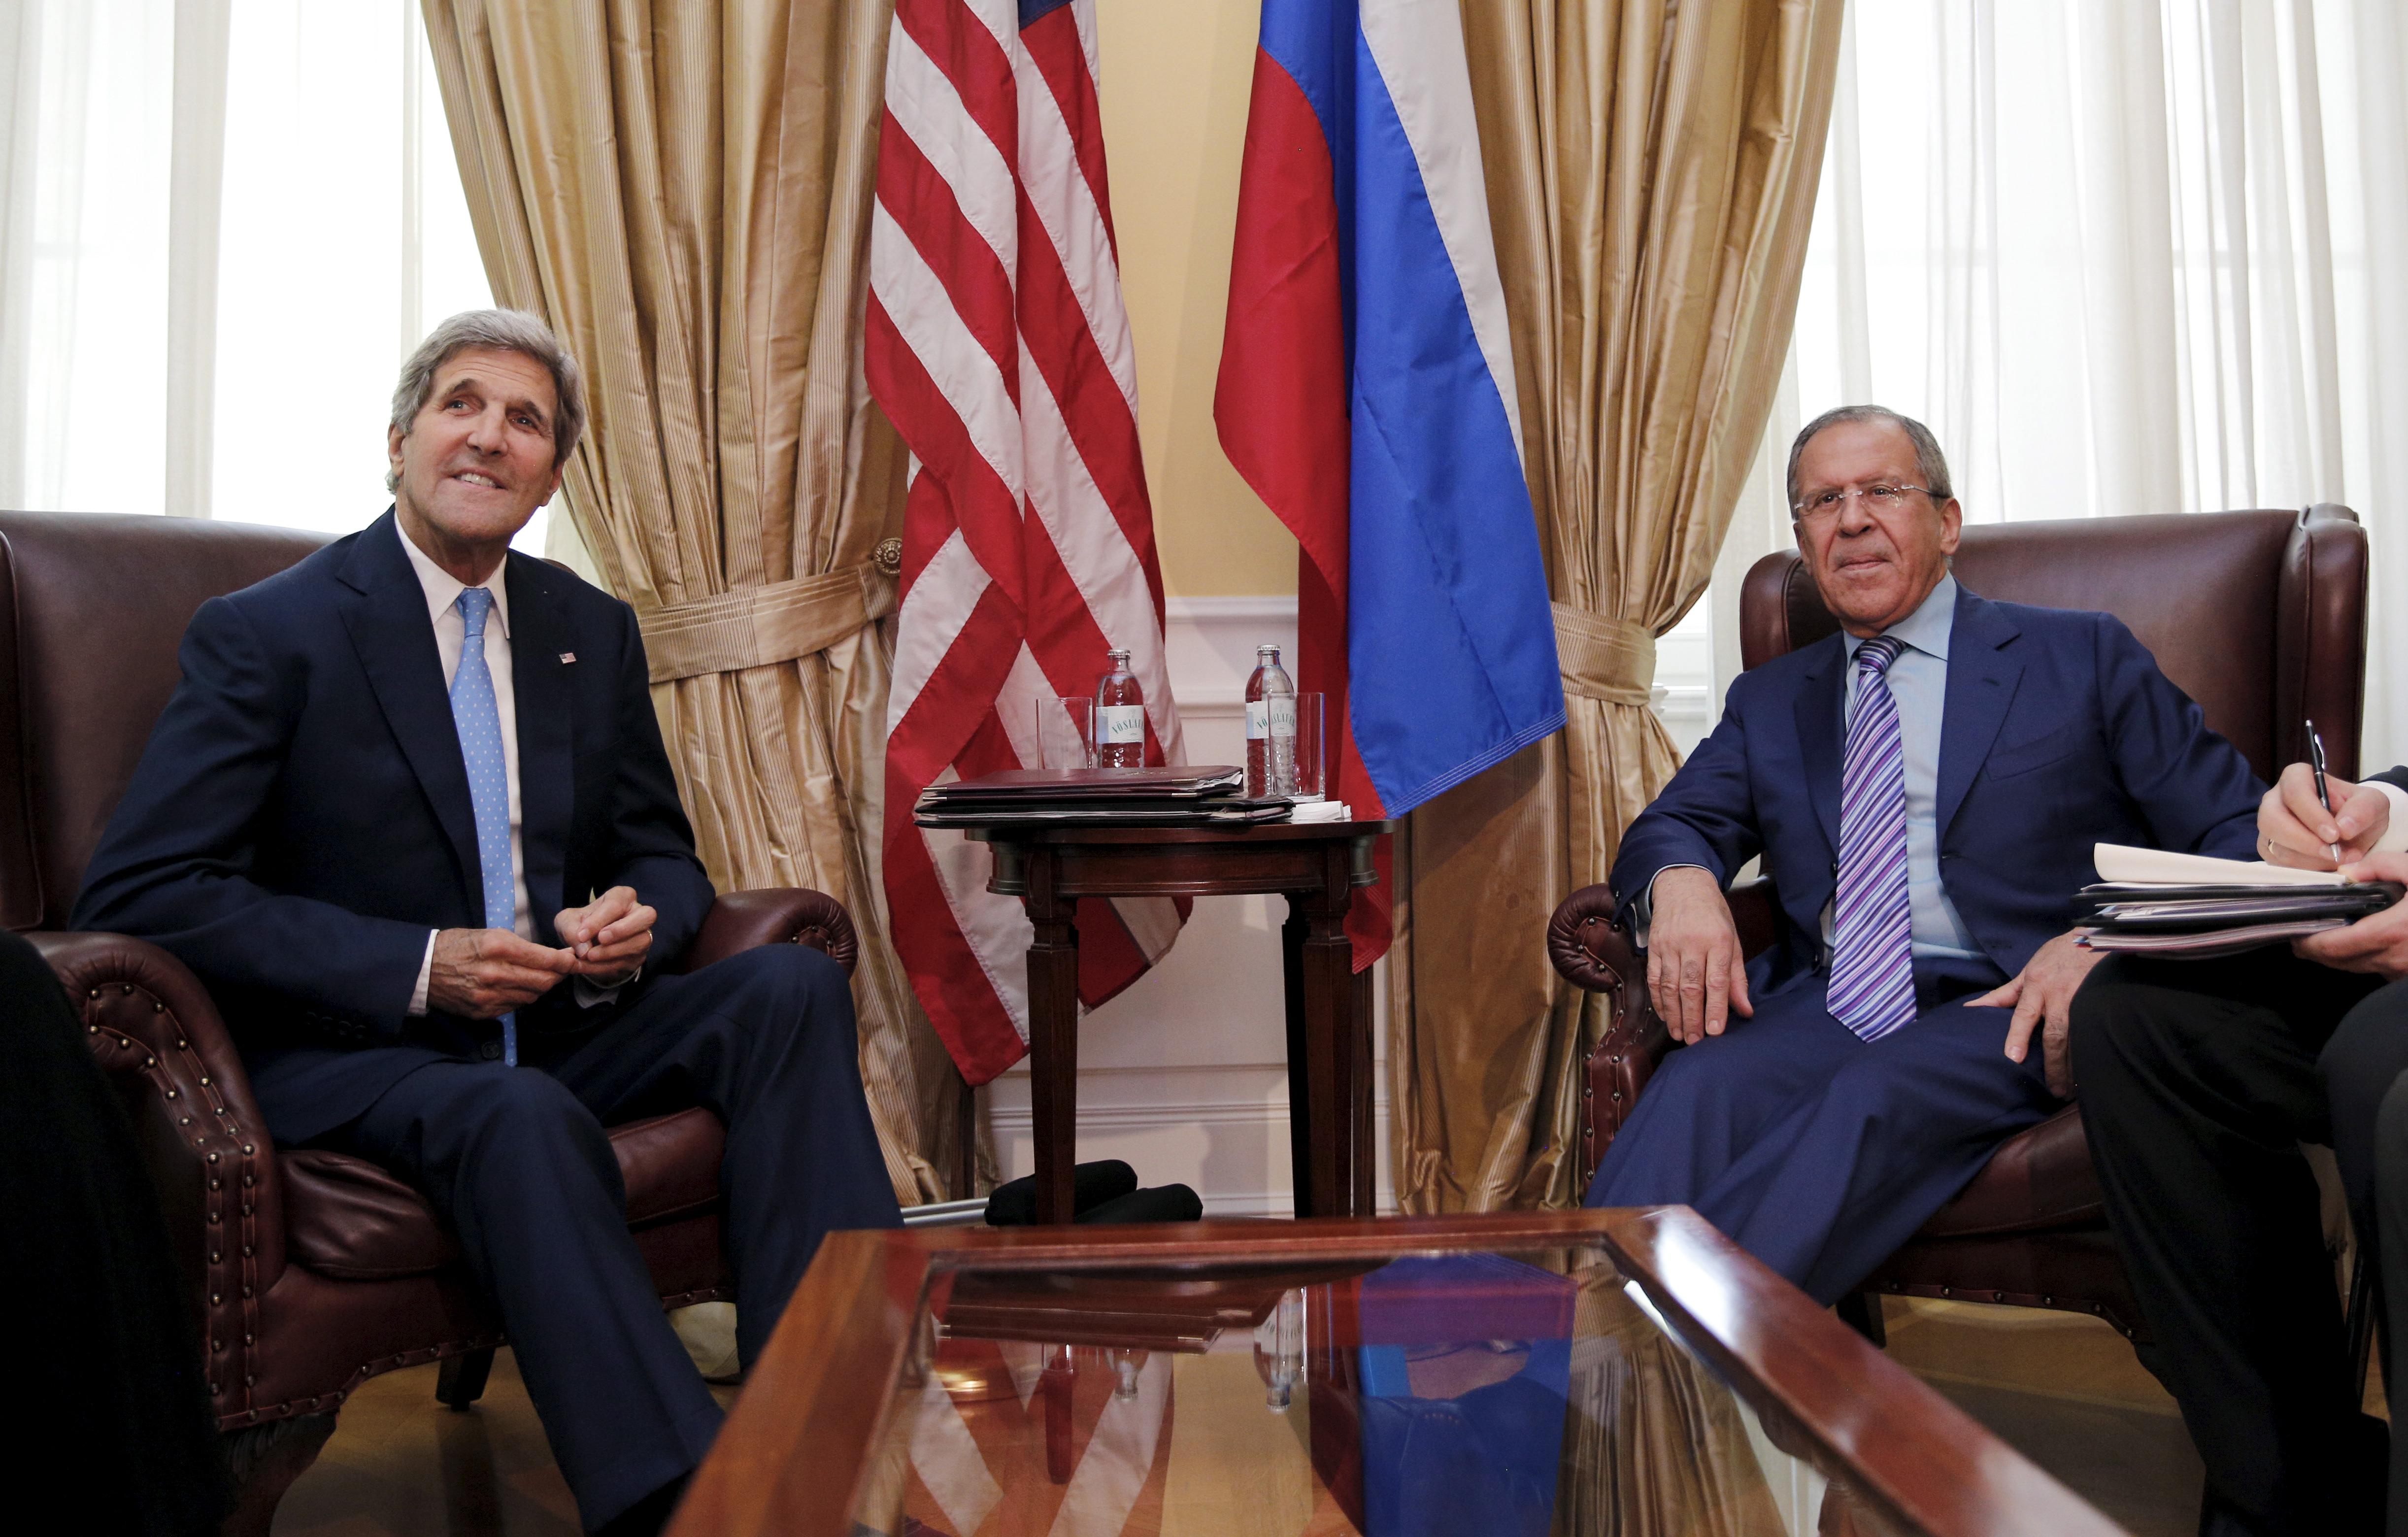 """""""Най-вероятно става дума [между Лавров и Кери] за консолидиране на усилията срещу мобилизацията на волнонаемници от различни страни в ИД""""."""